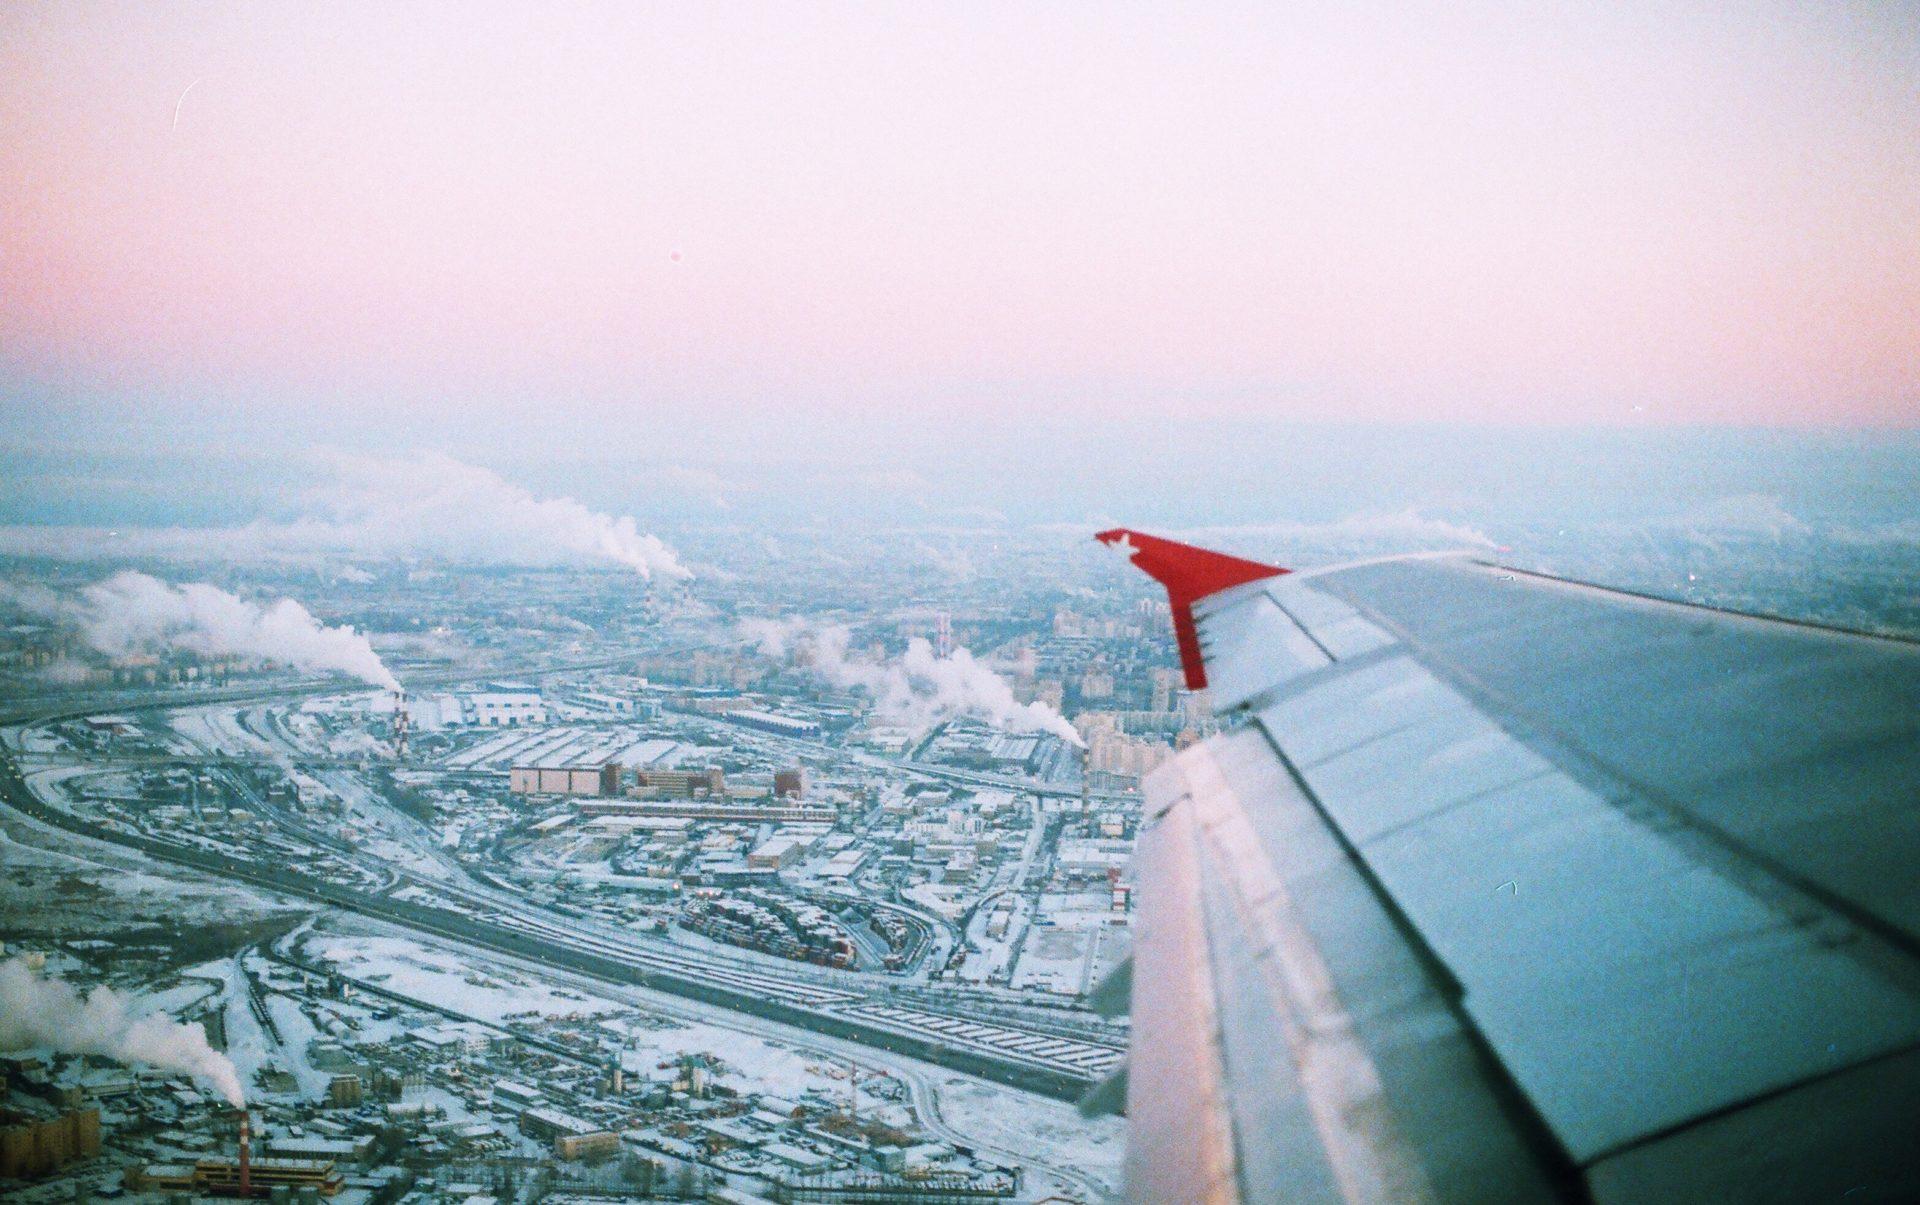 Flight deal alerts